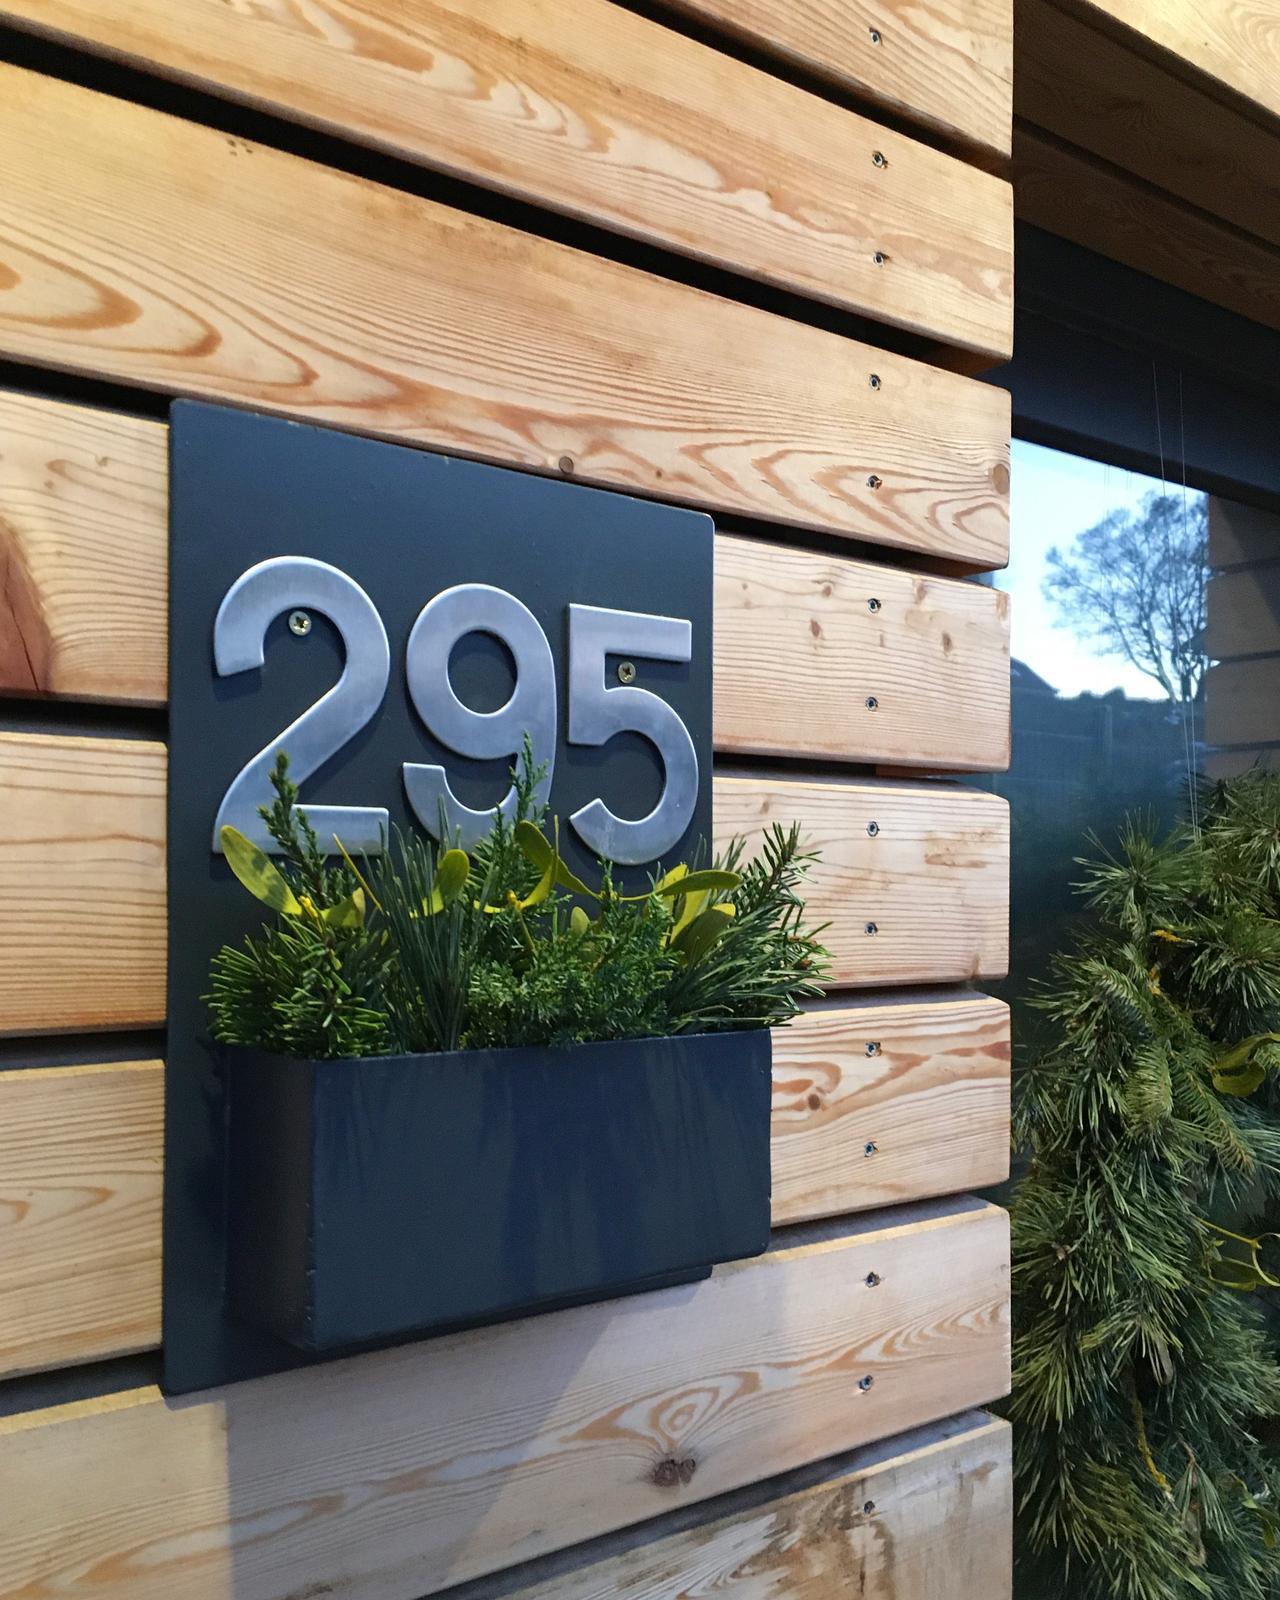 Nový dom v starom sade - Číslo domu